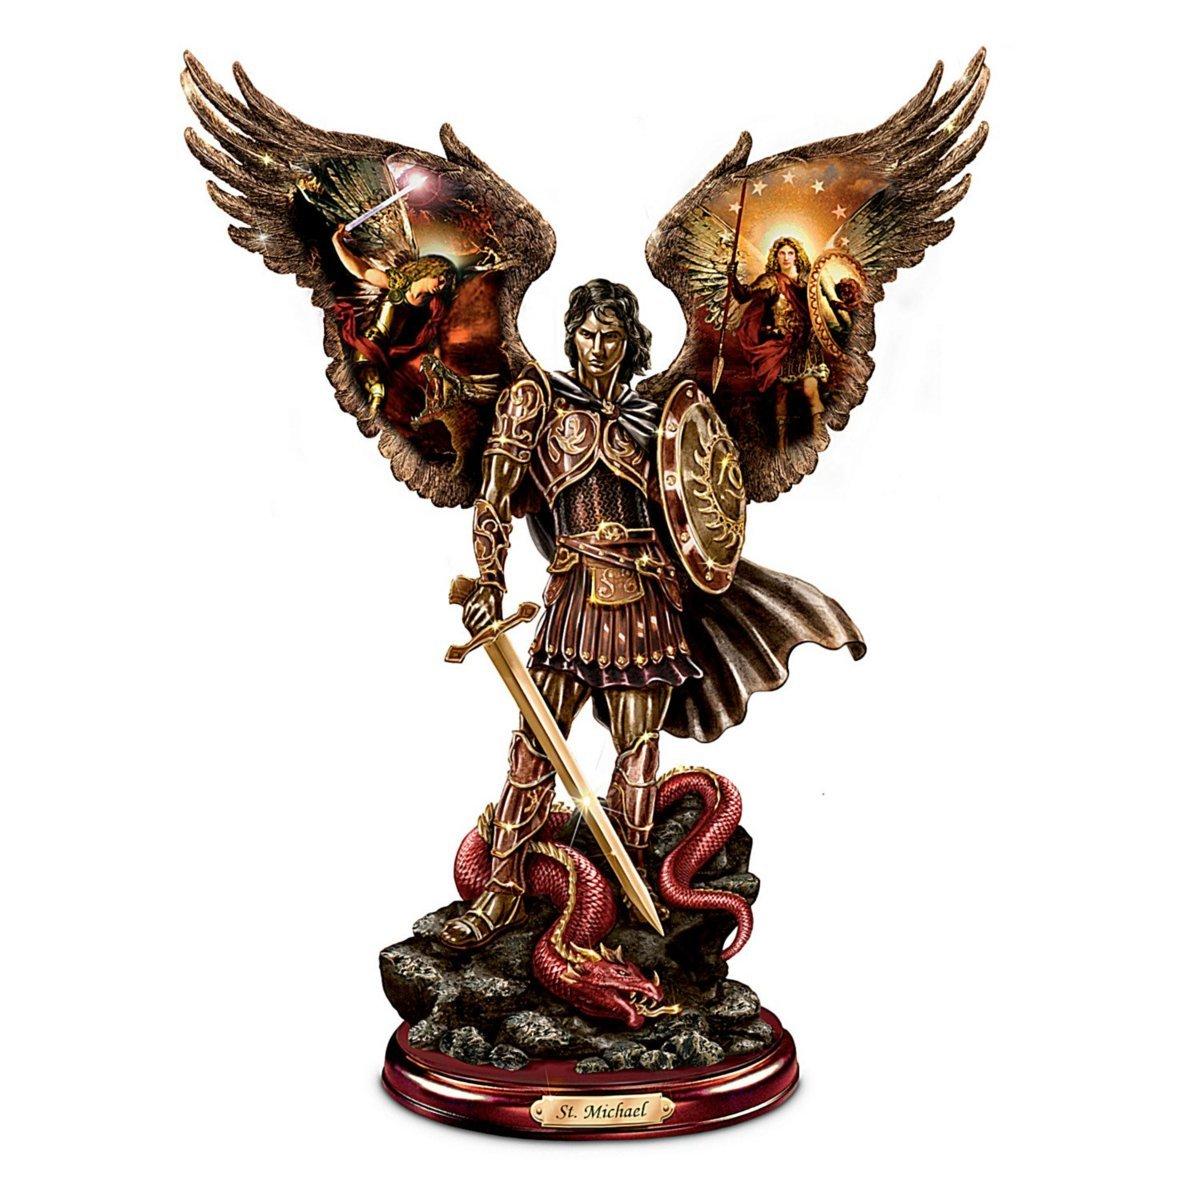 ブラッドフォード・エクスチェンジ製 勝利の戦士 聖天使ミカエル:ハワードデビッドジョンソン作 彫像 彫刻(輸入品